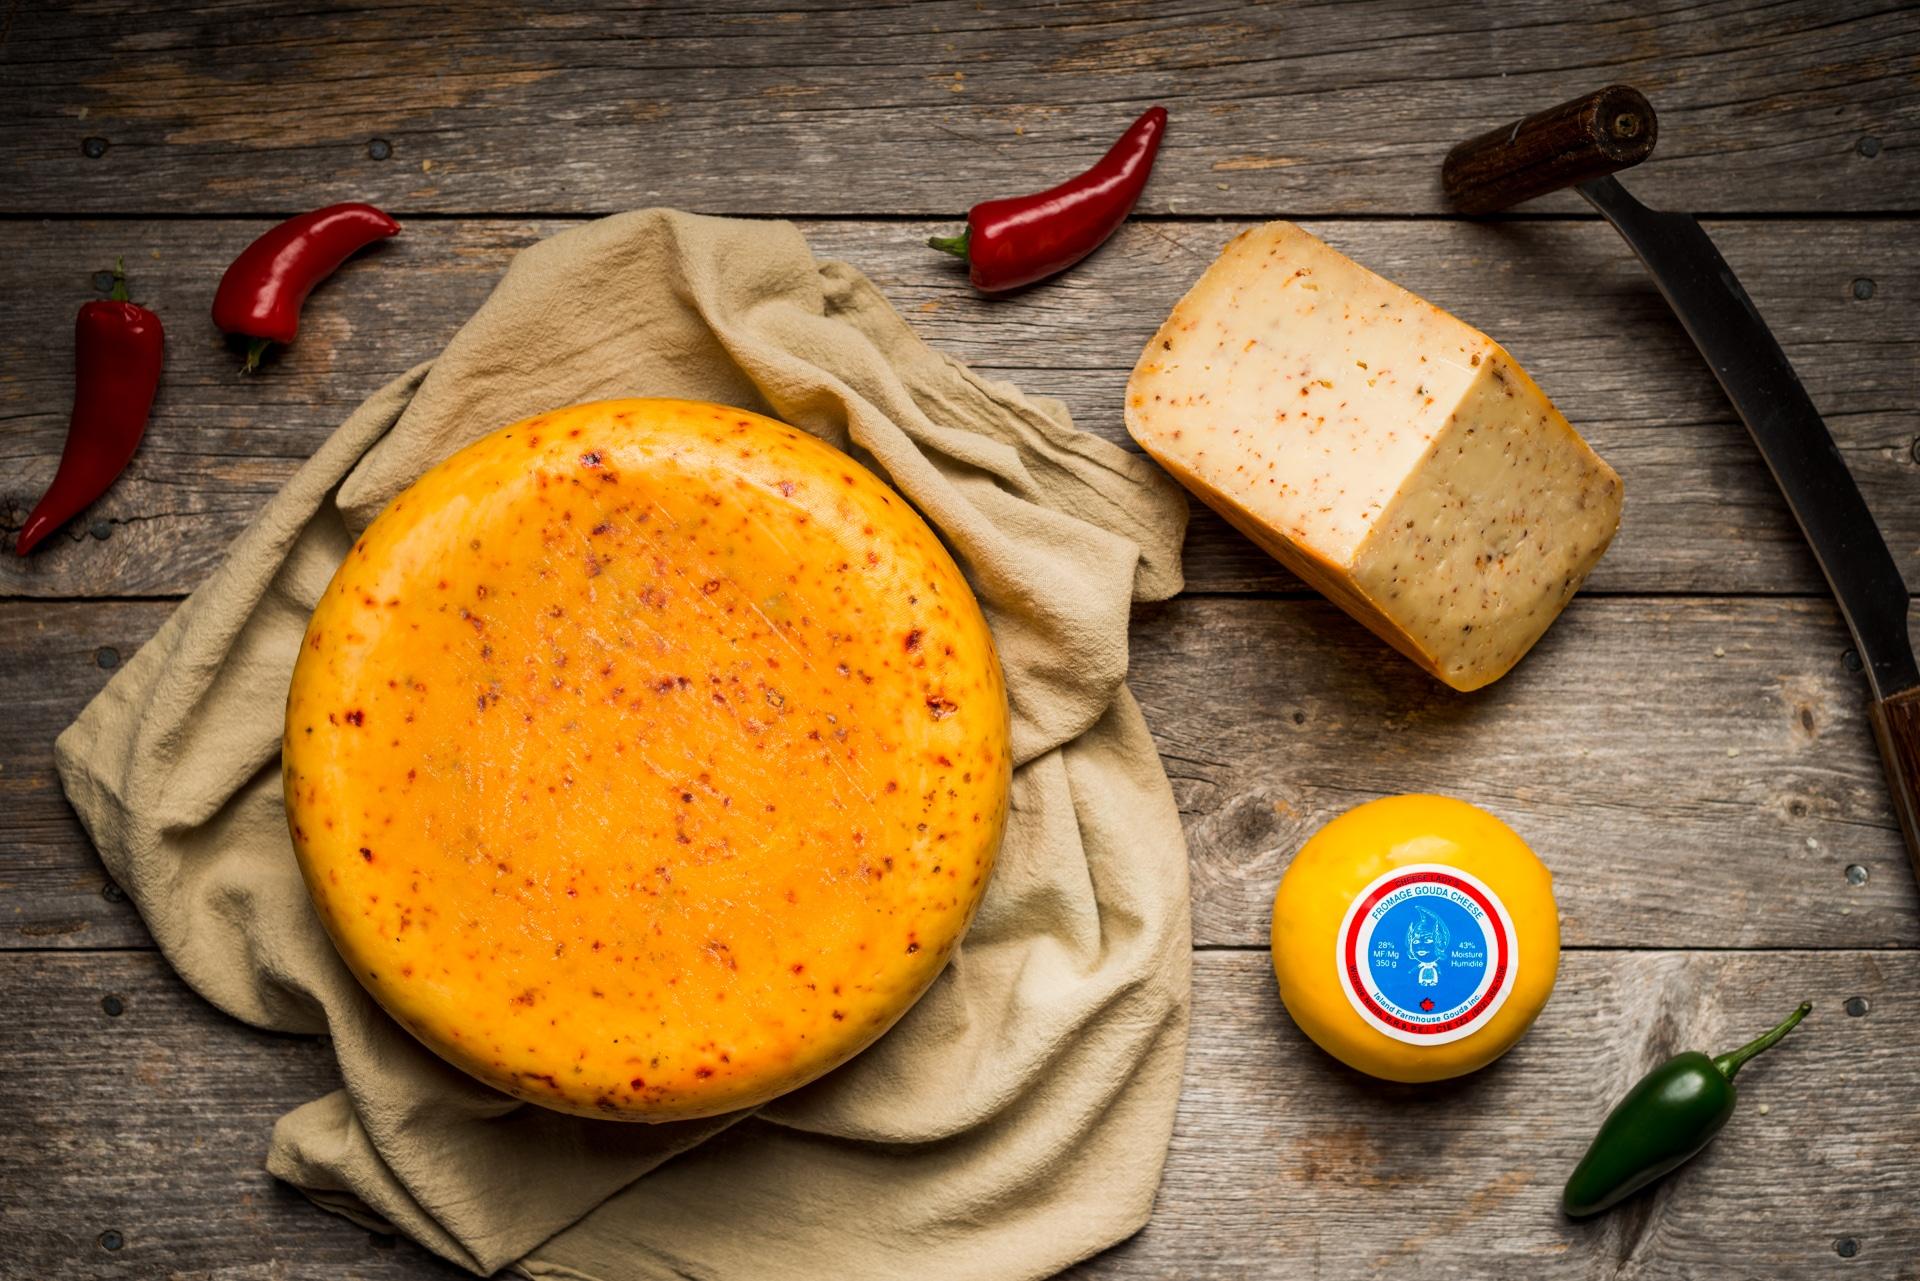 Glasgow Glen Farm Artisan Gouda Cheese